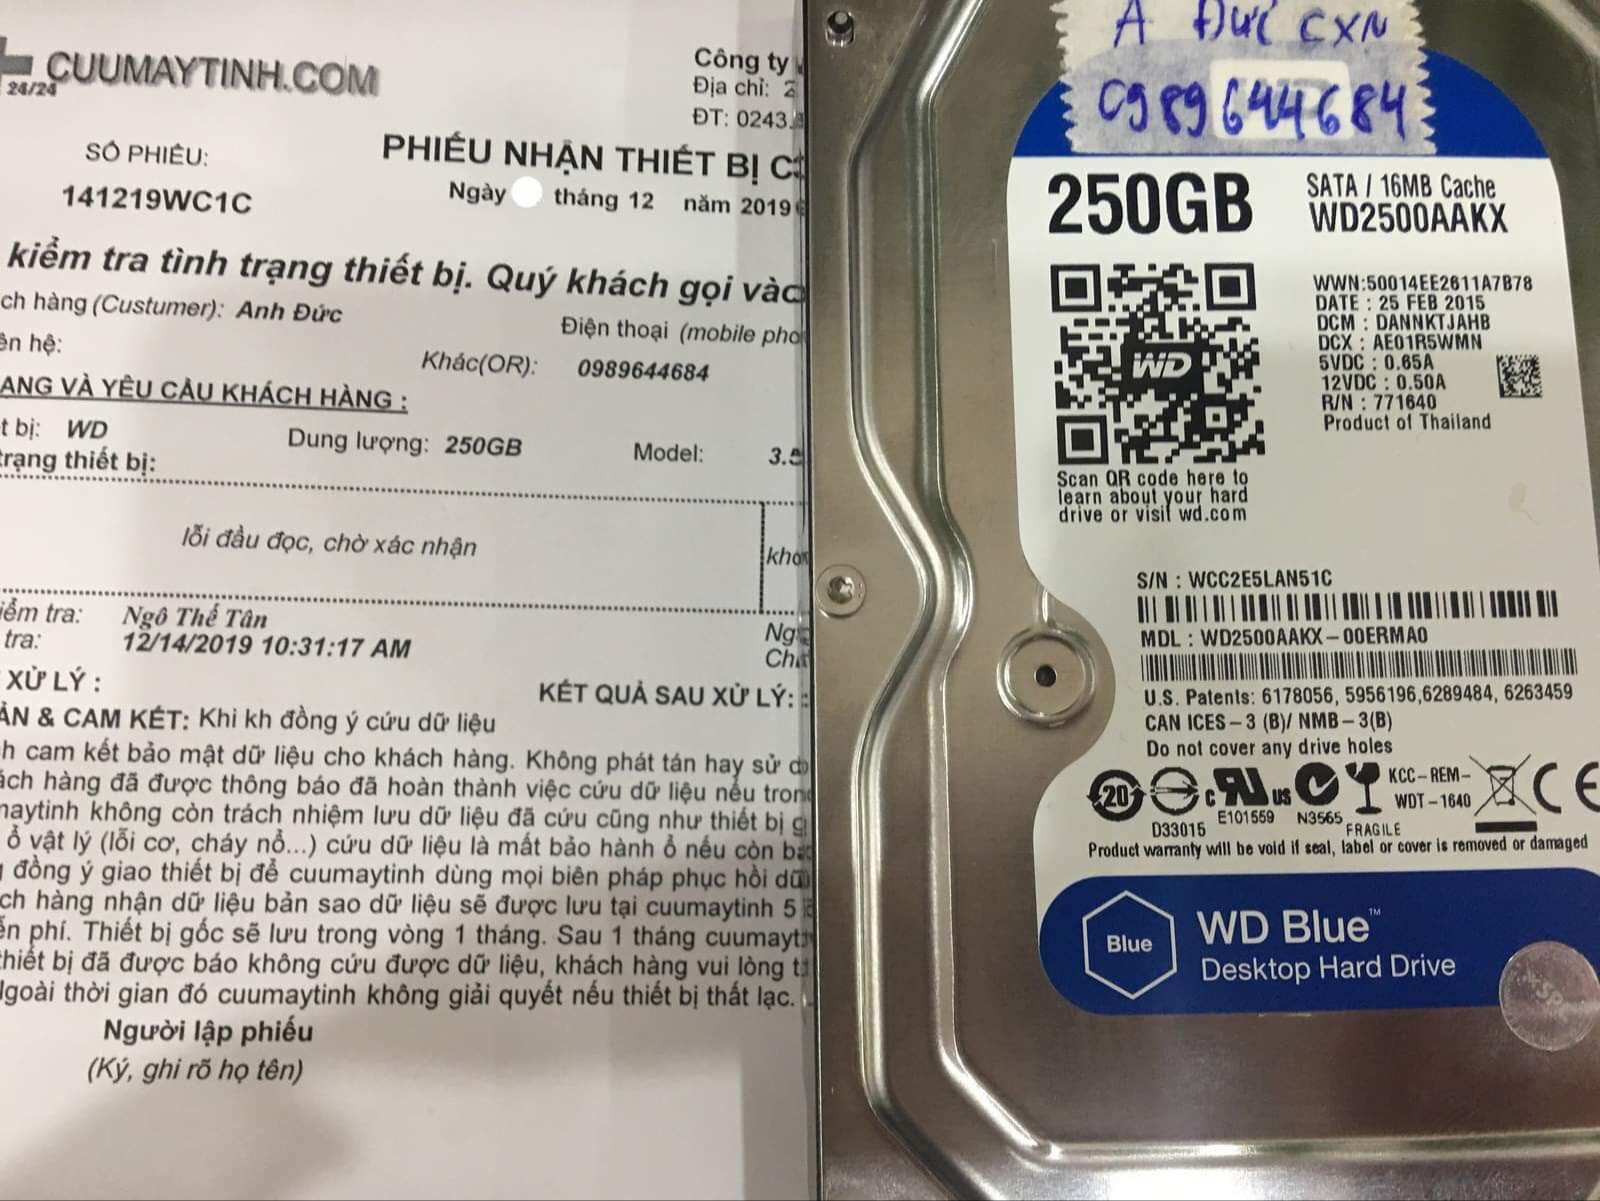 Phục hồi dữ liệu ổ cứng Western 250GB lỗi đầu đọc 27/12/2019 - cuumaytinh